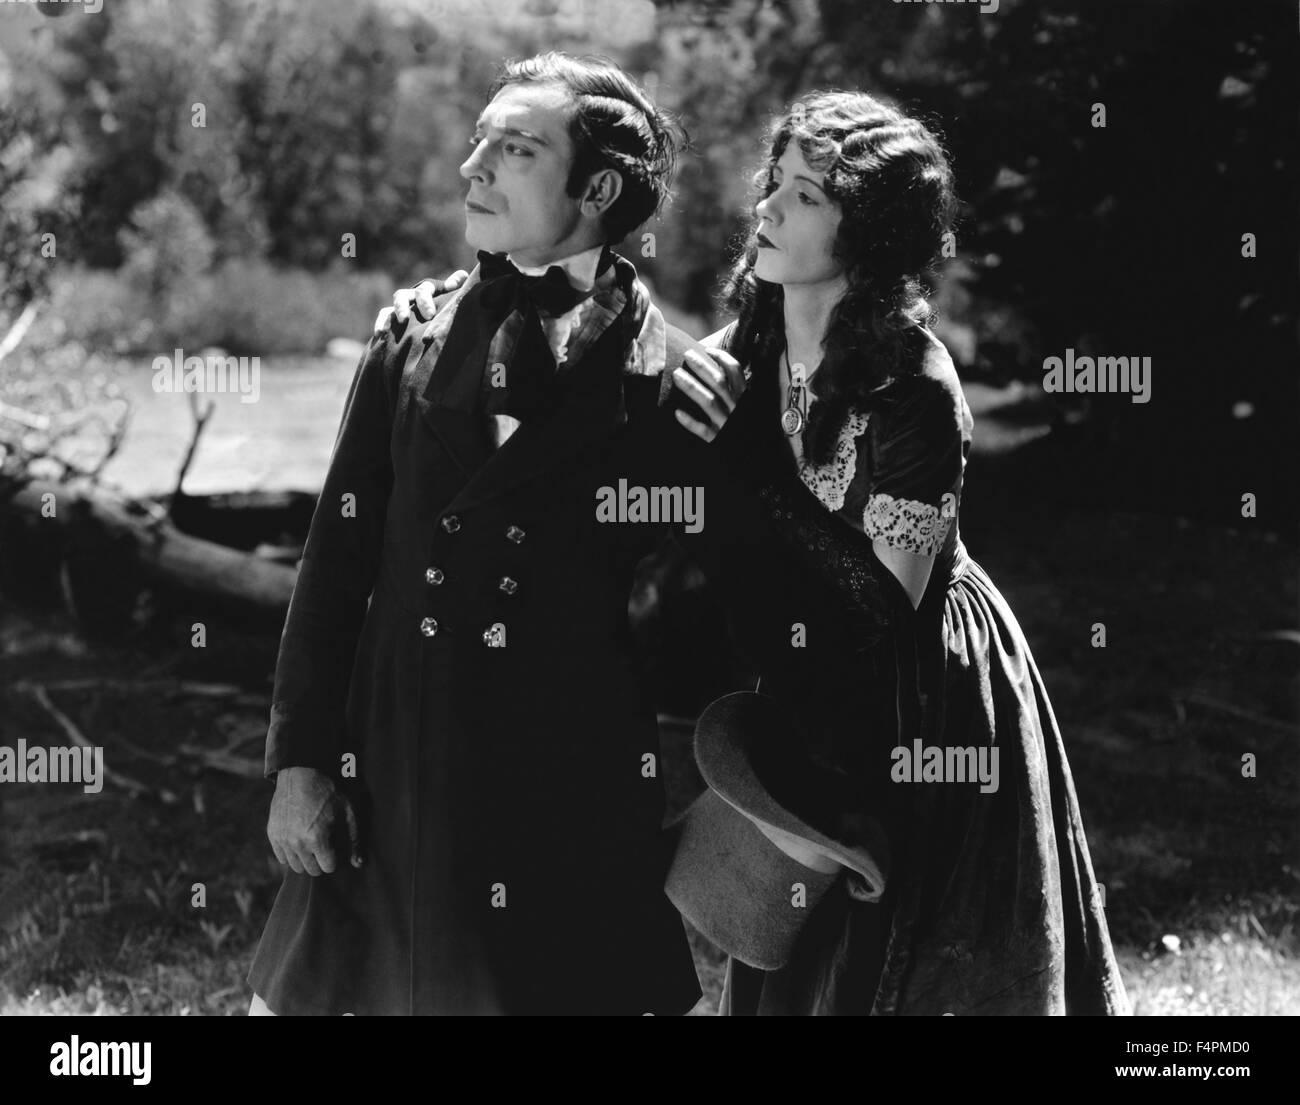 Buster Keaton e Natalie Talmadge / La nostra ospitalità / 1923 diretto da Buster Keaton e John G. Blystone Immagini Stock